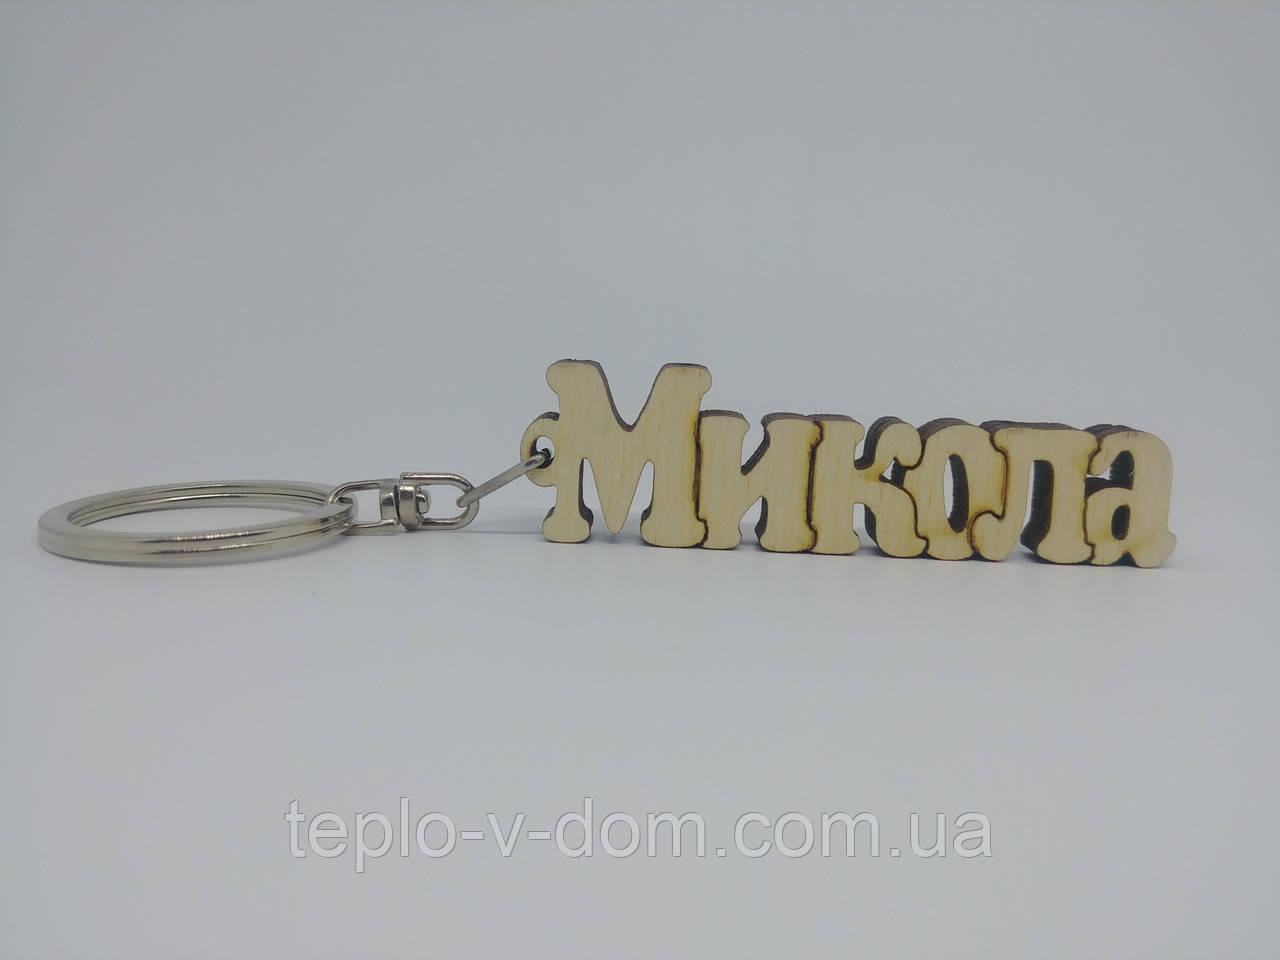 Деревянный брелок Микола